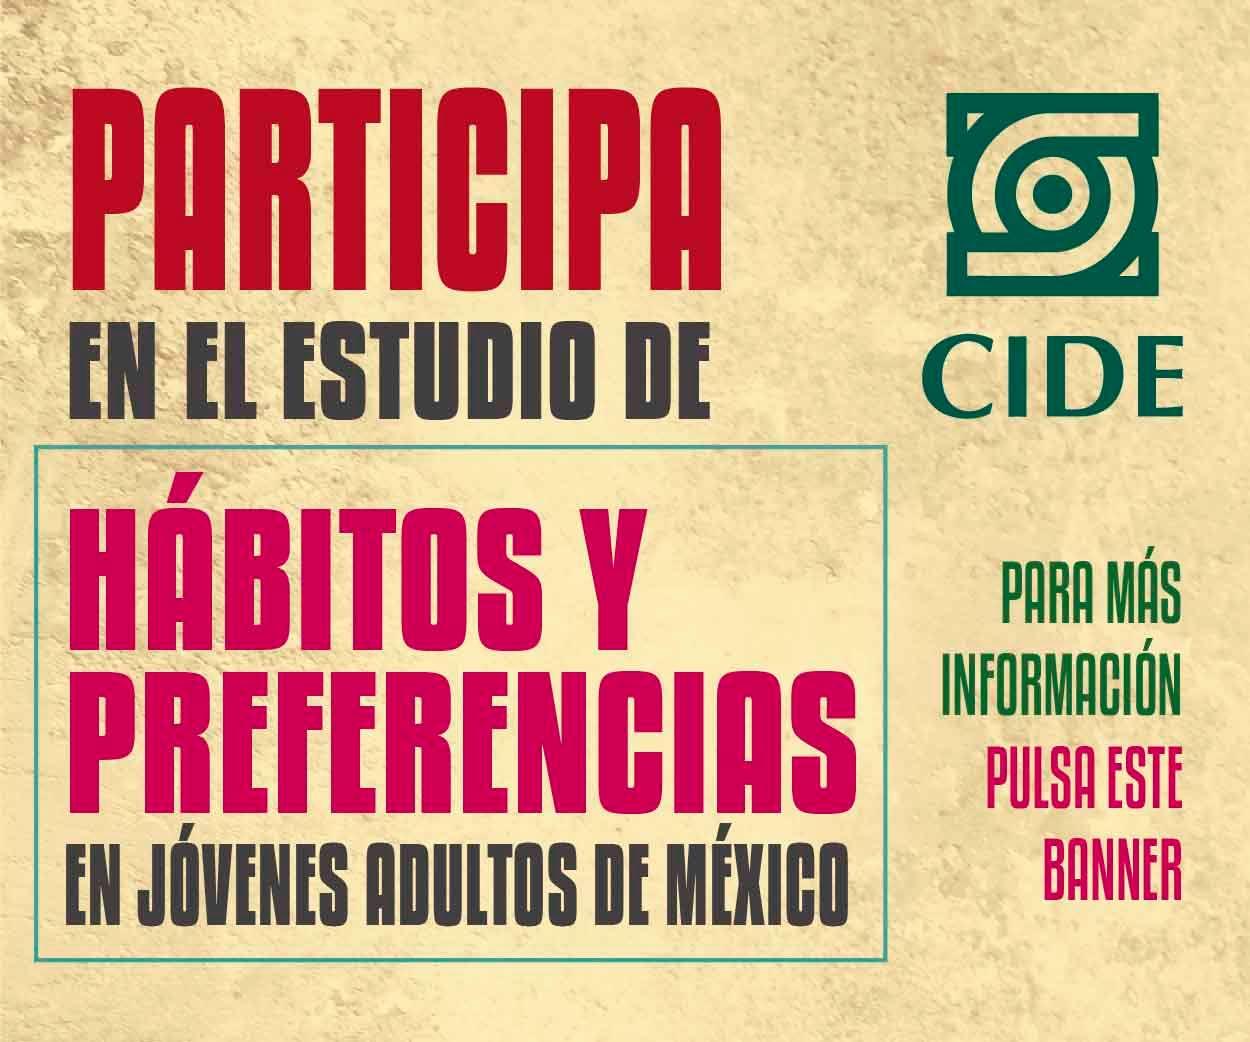 cide-2-1.jpg